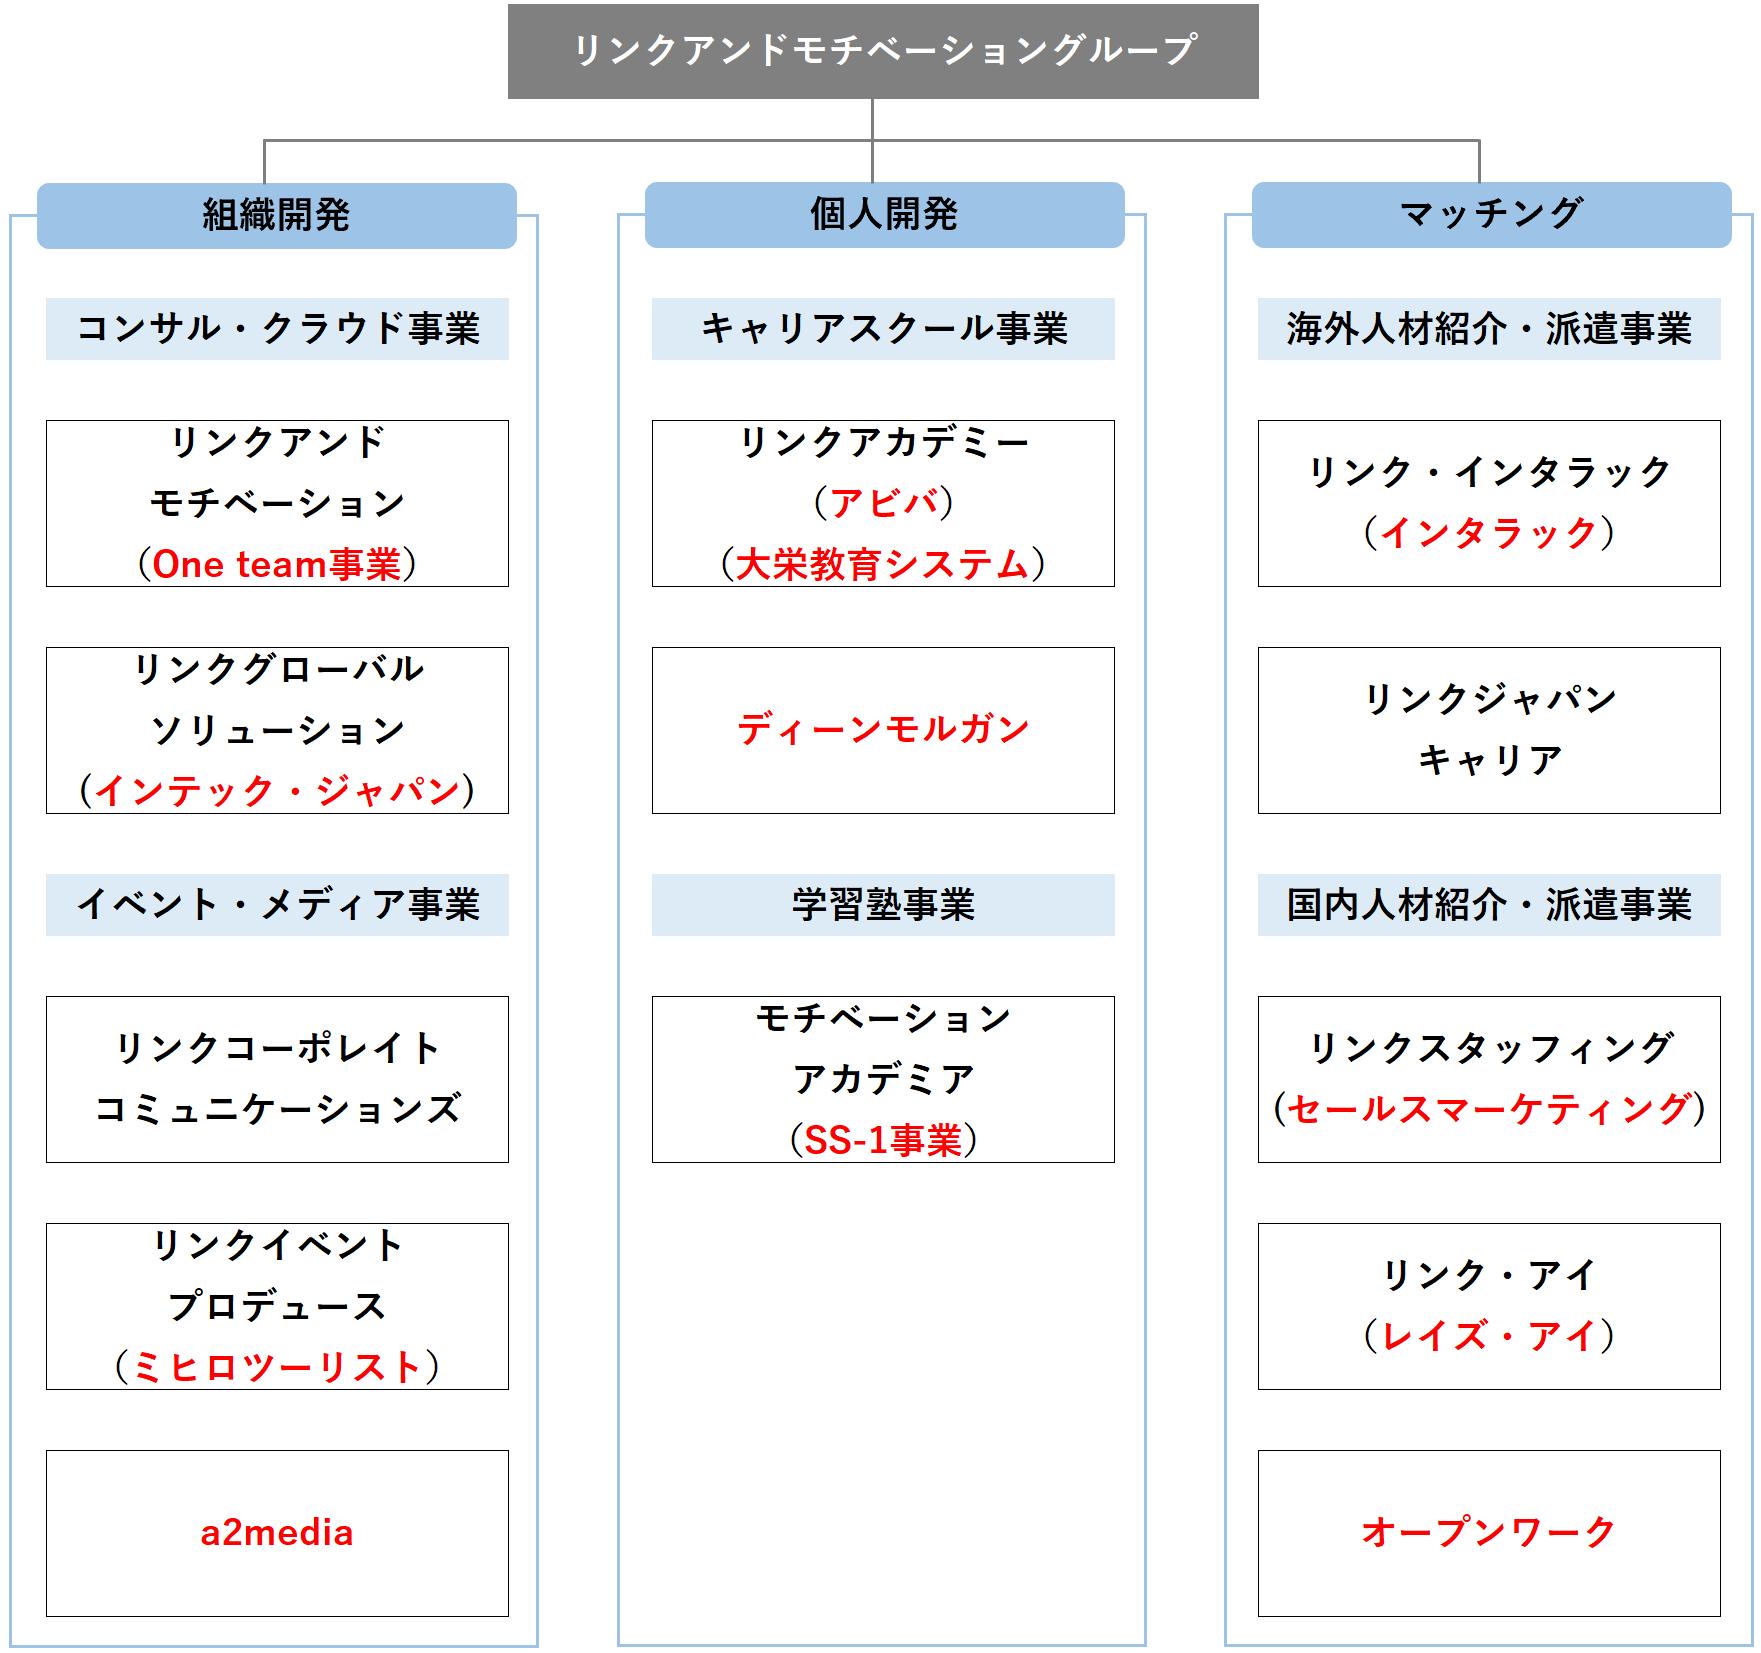 リンク:組織図